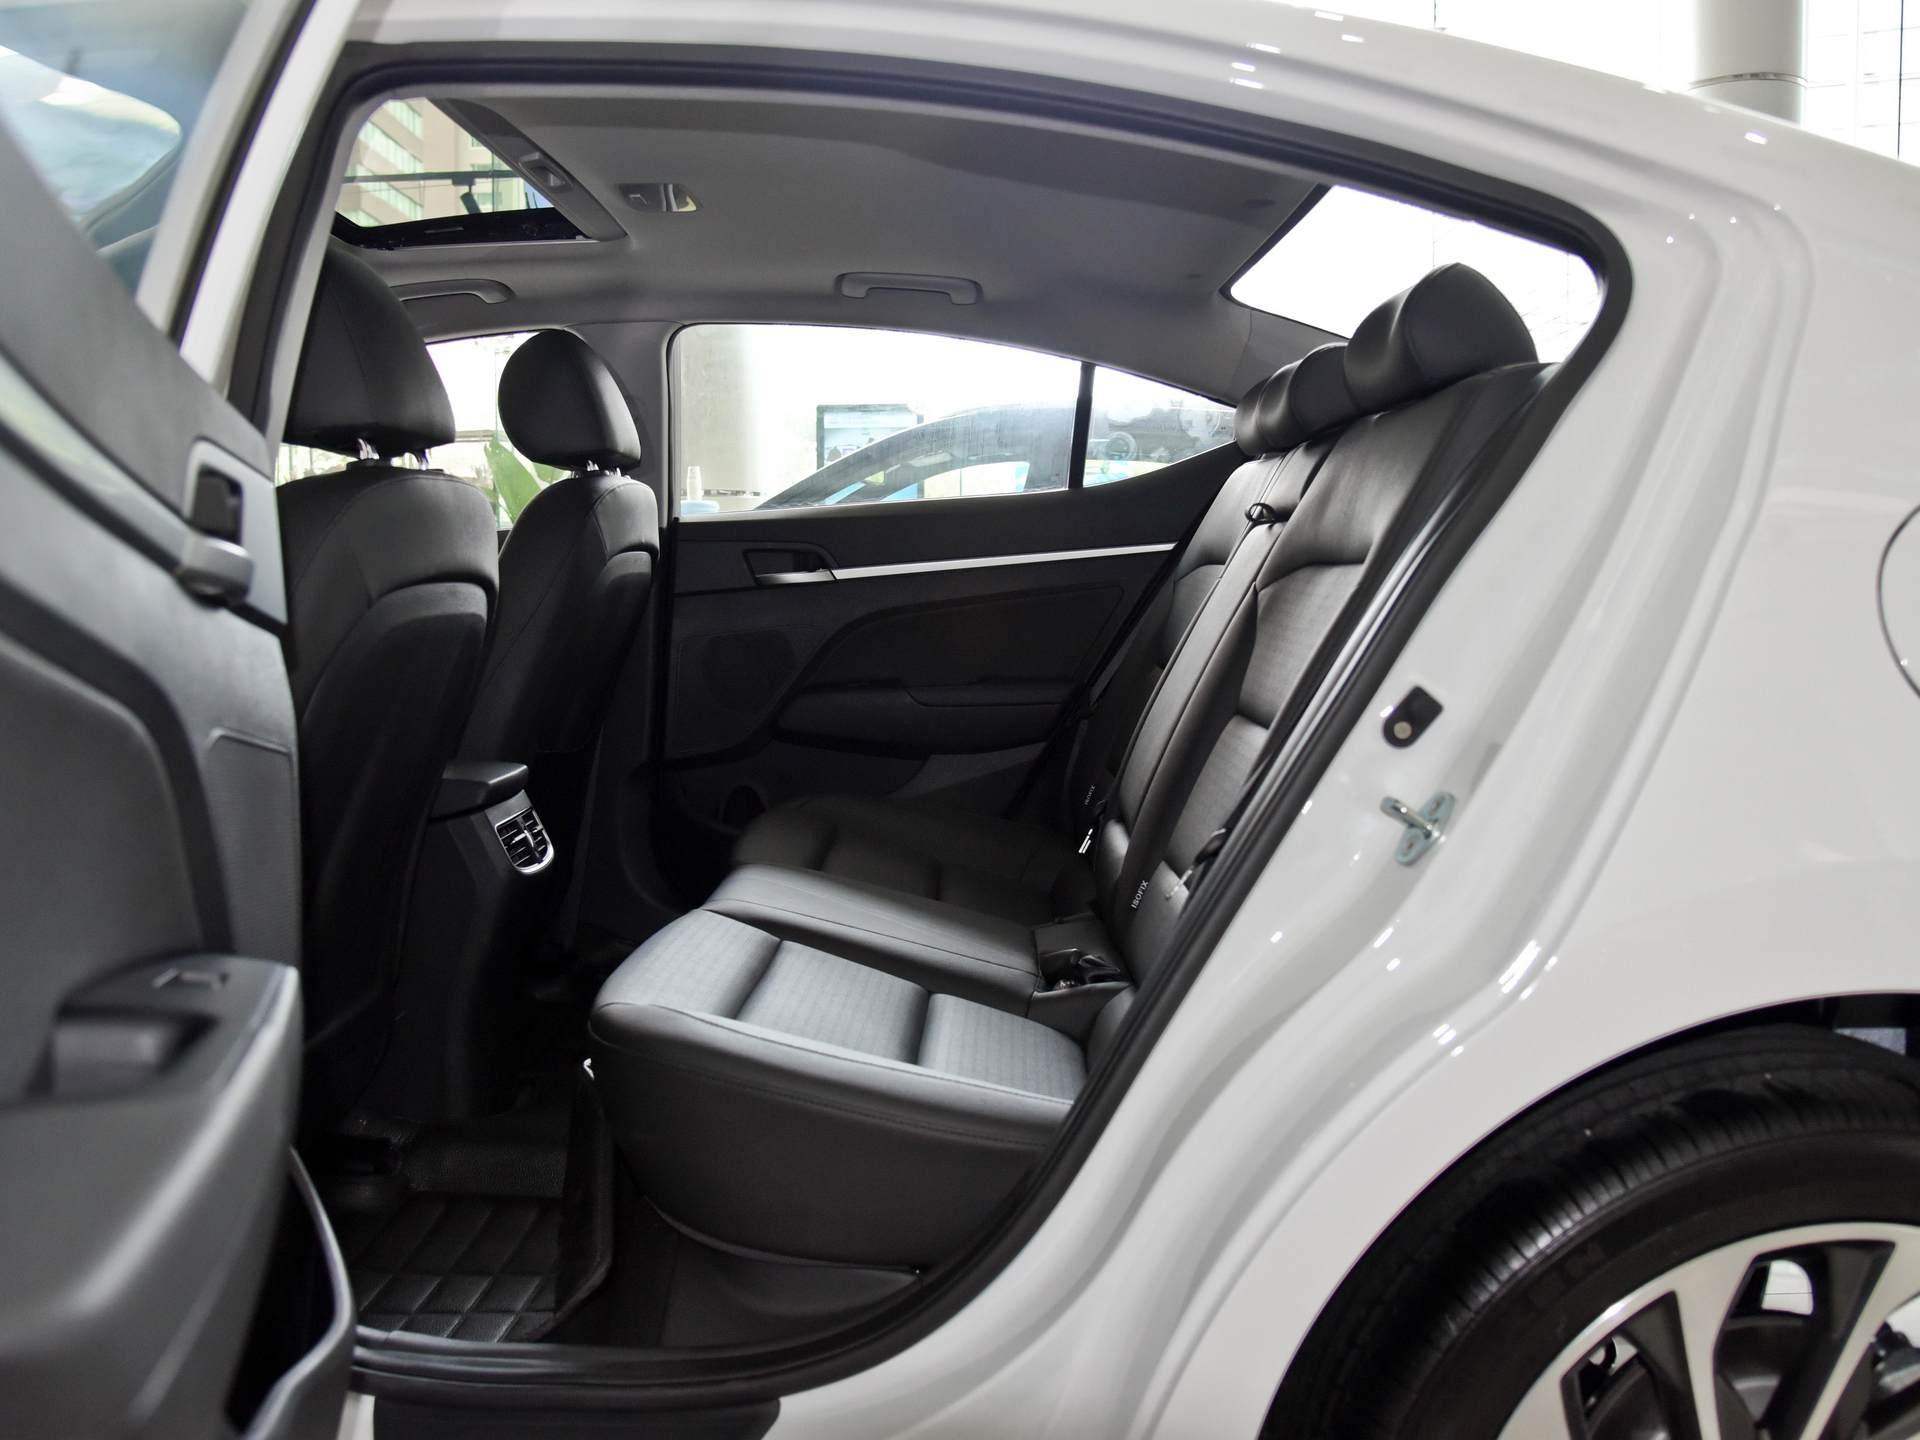 韓系走量版傢轎,1.5L四缸+CVT,軸距2.7米,10萬價格香不-圖6